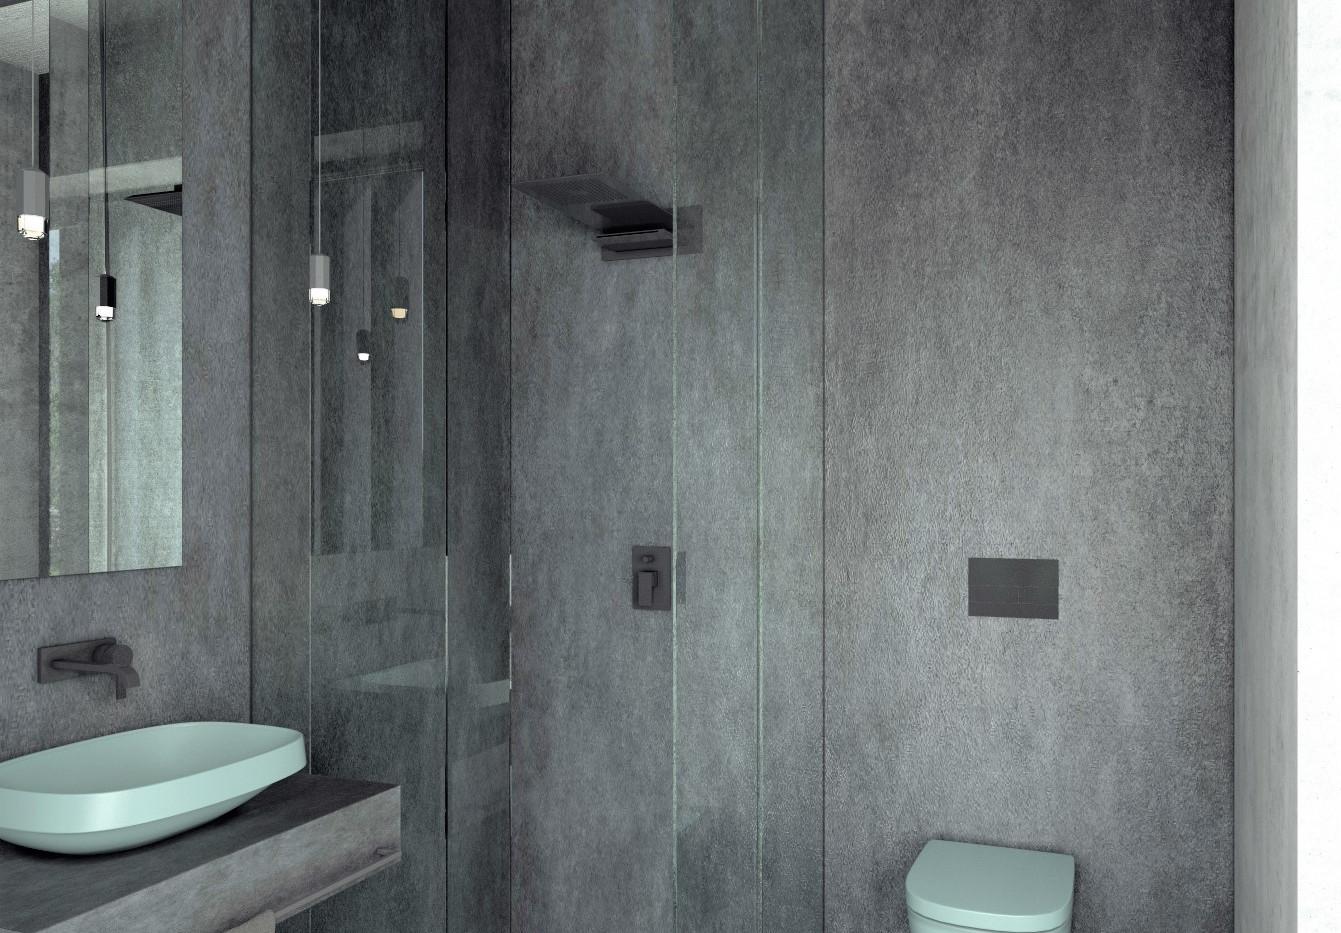 łazienka_02.jpg